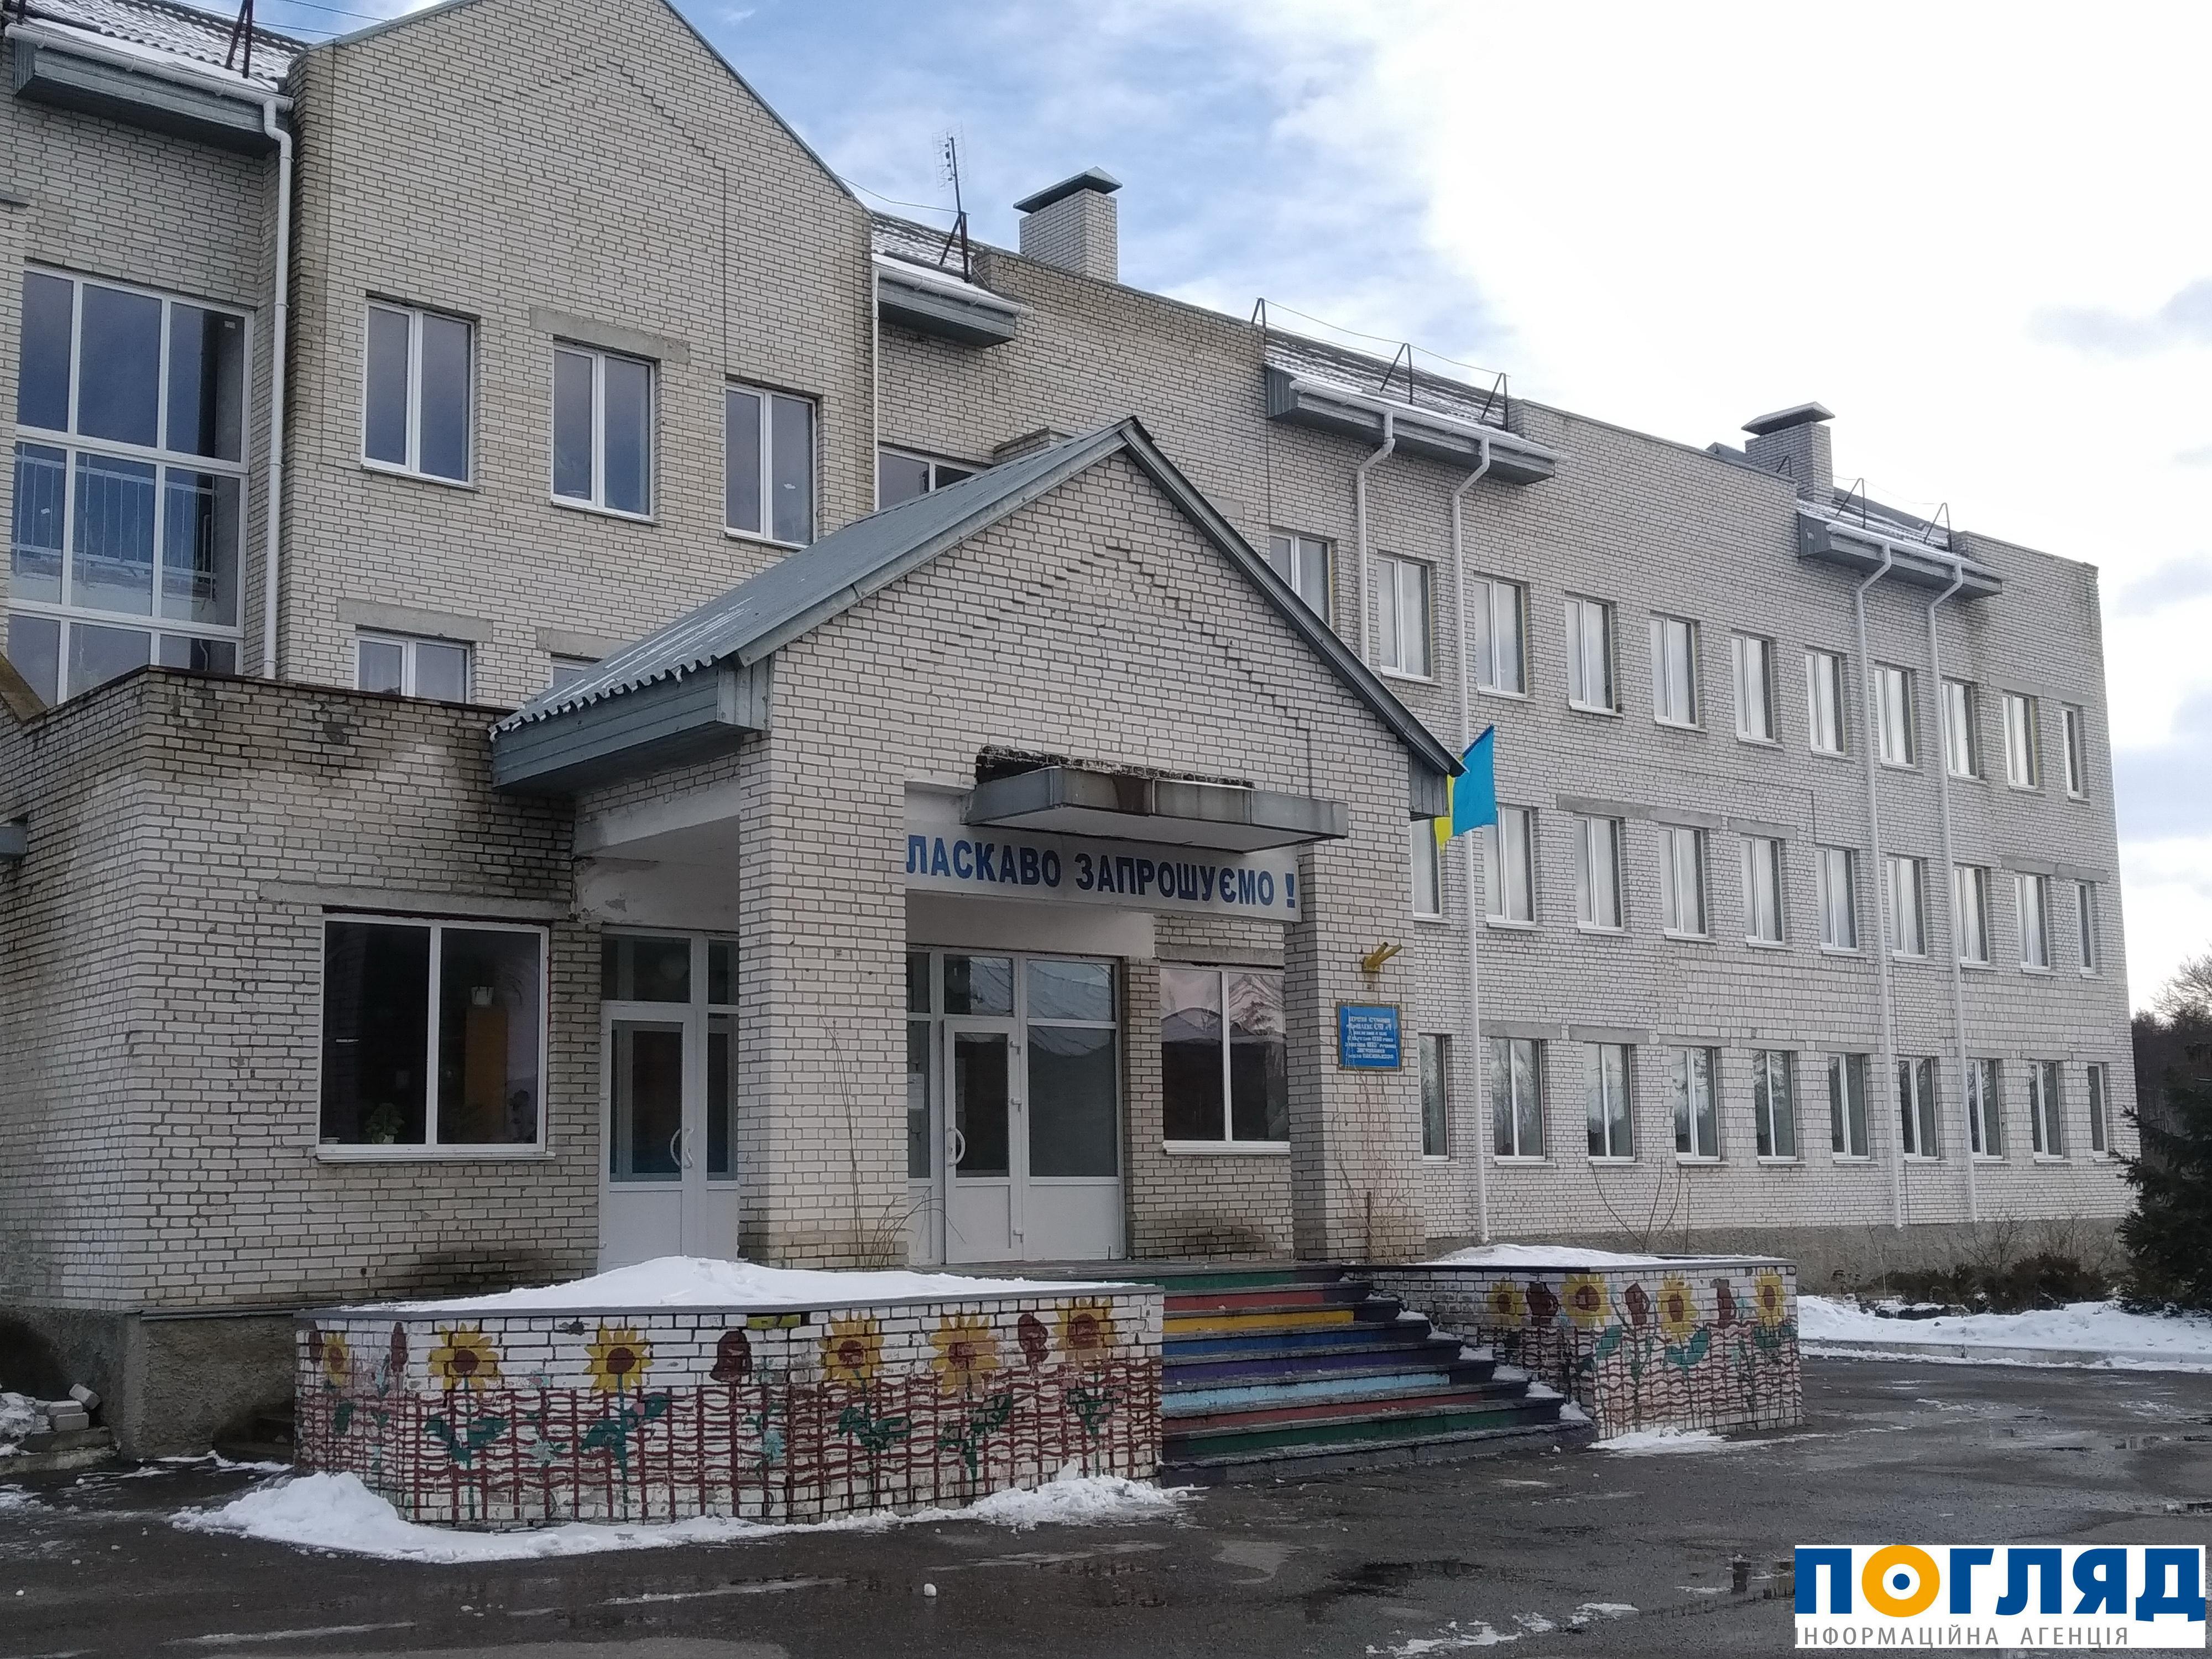 Усі школи Василькова зачинять на карантин - школярі, школа, учні, Освіта, карантин, захворювання, Діти, грип, Васильків - 0000